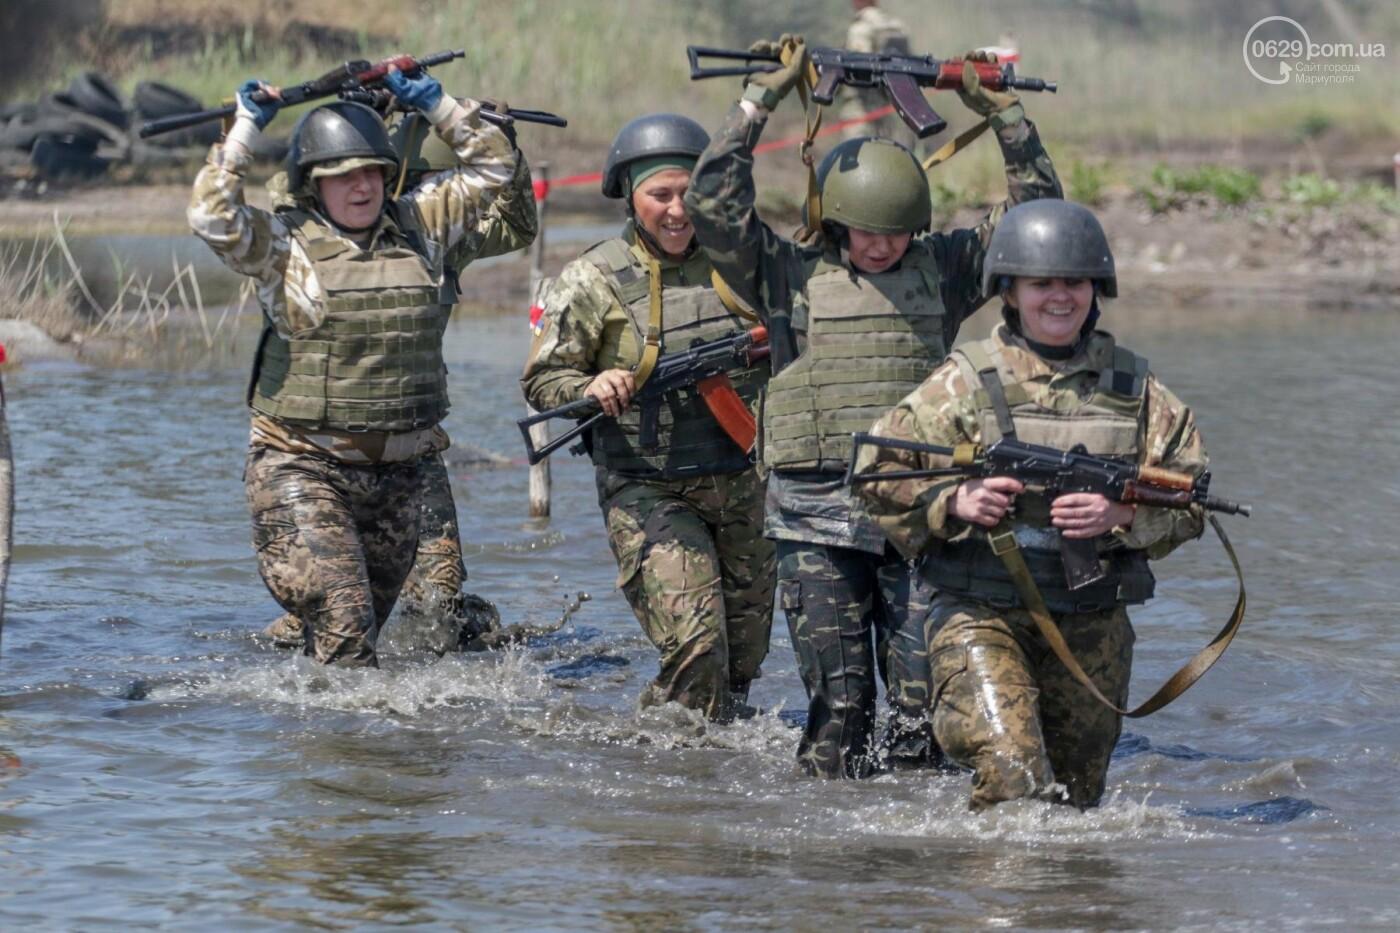 Под Мариуполем девушки-военнослужащие преодолели «полосу морпеха», - ФОТОРЕПОРТАЖ, фото-5